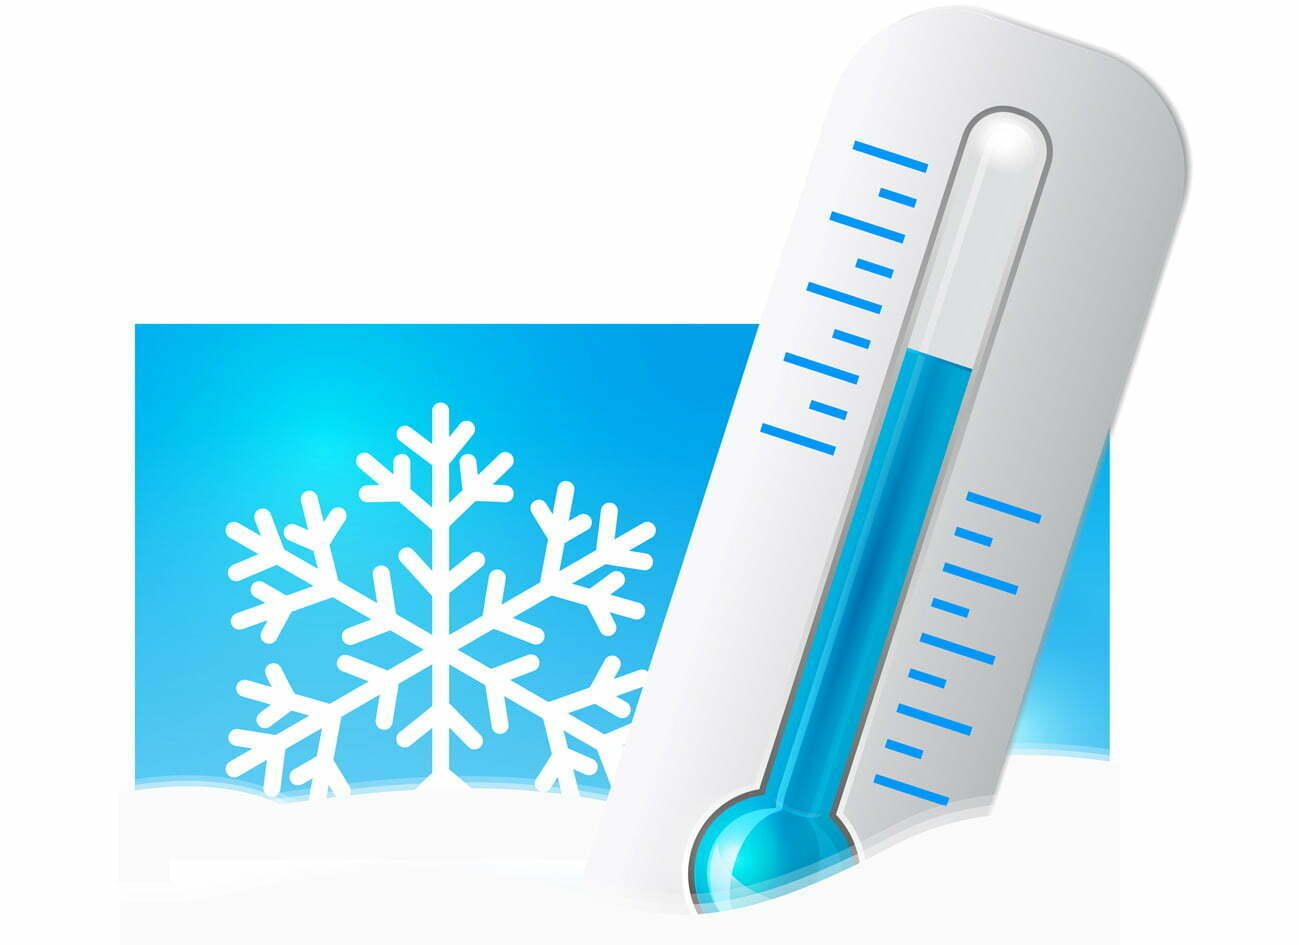 Arbeidstemperatur (riktig innetemperatur)